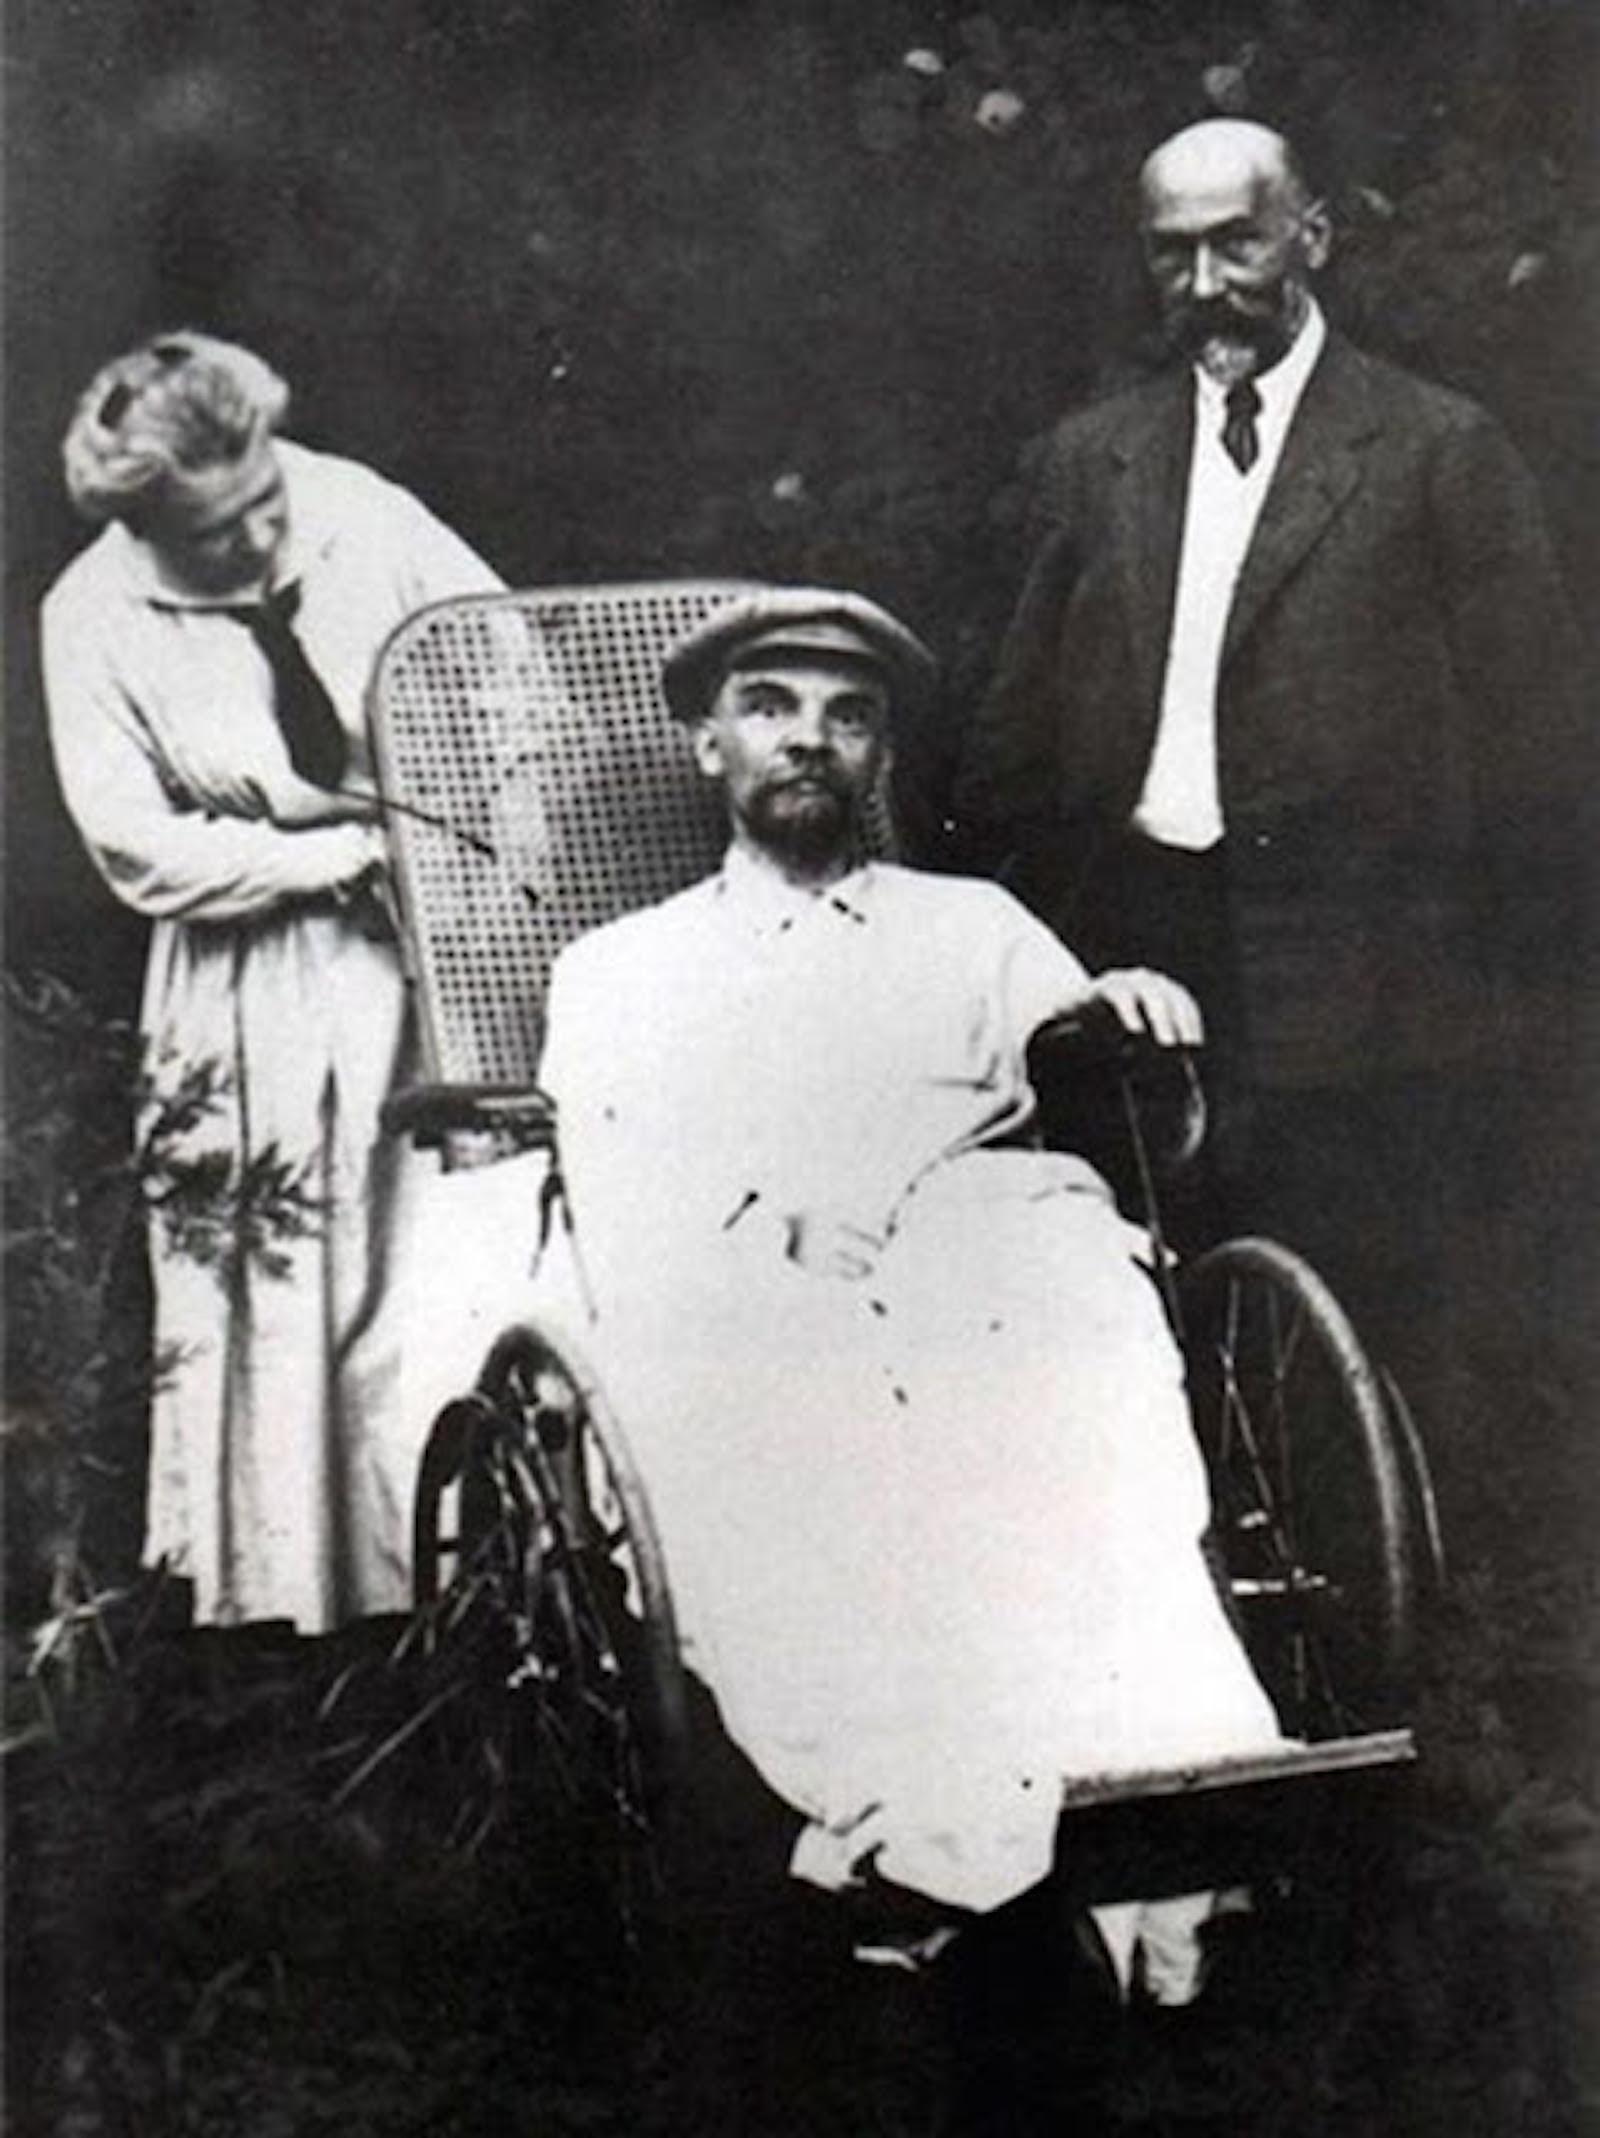 Vladimir Lenin. (Public Domain)